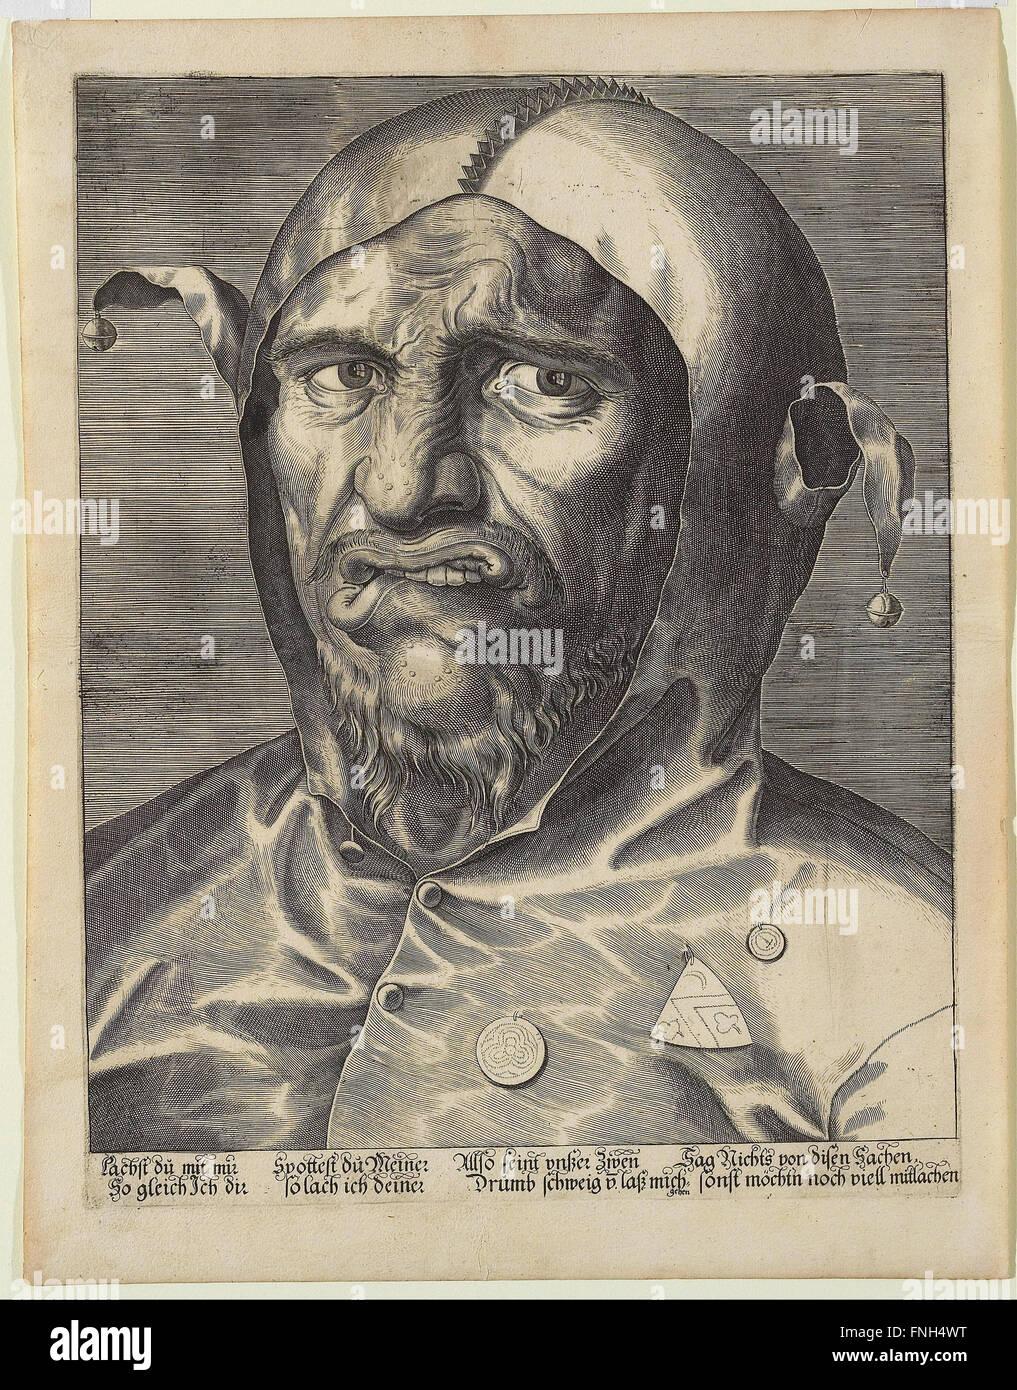 Anonyme Deutsch, 16. Jahrhundert - Großkopf ein Narr Stockbild